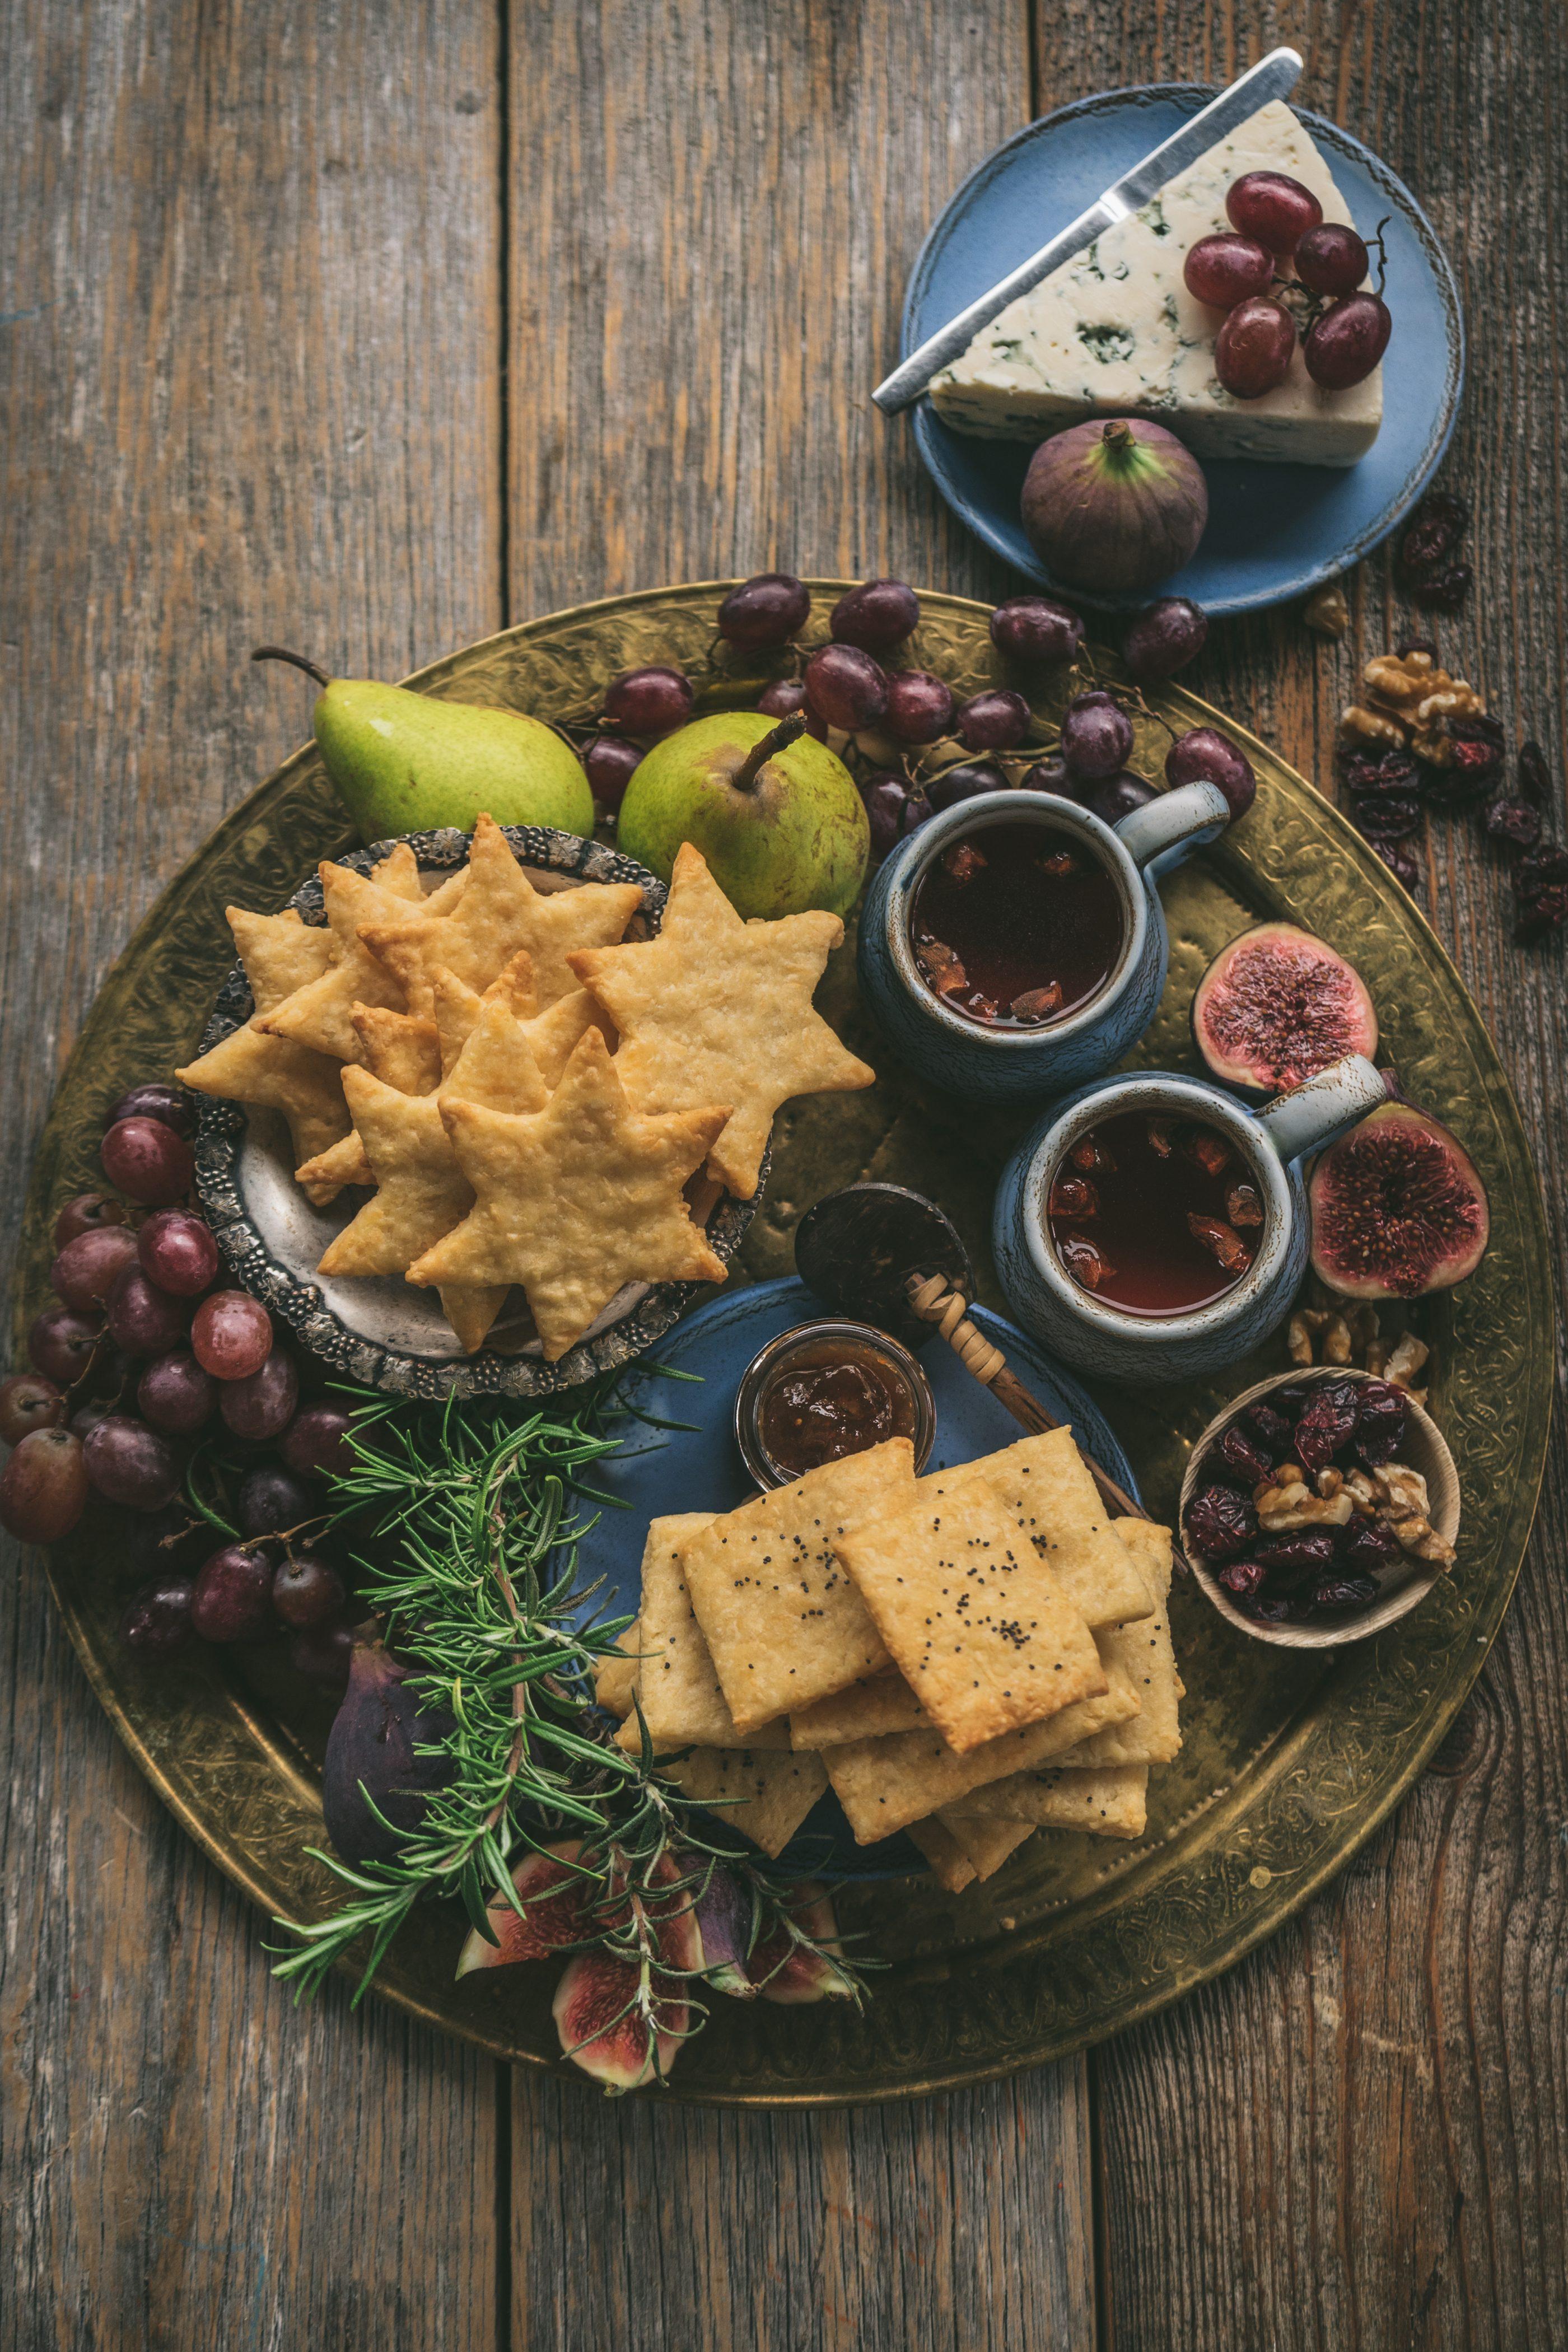 suolaiset juustokeksit